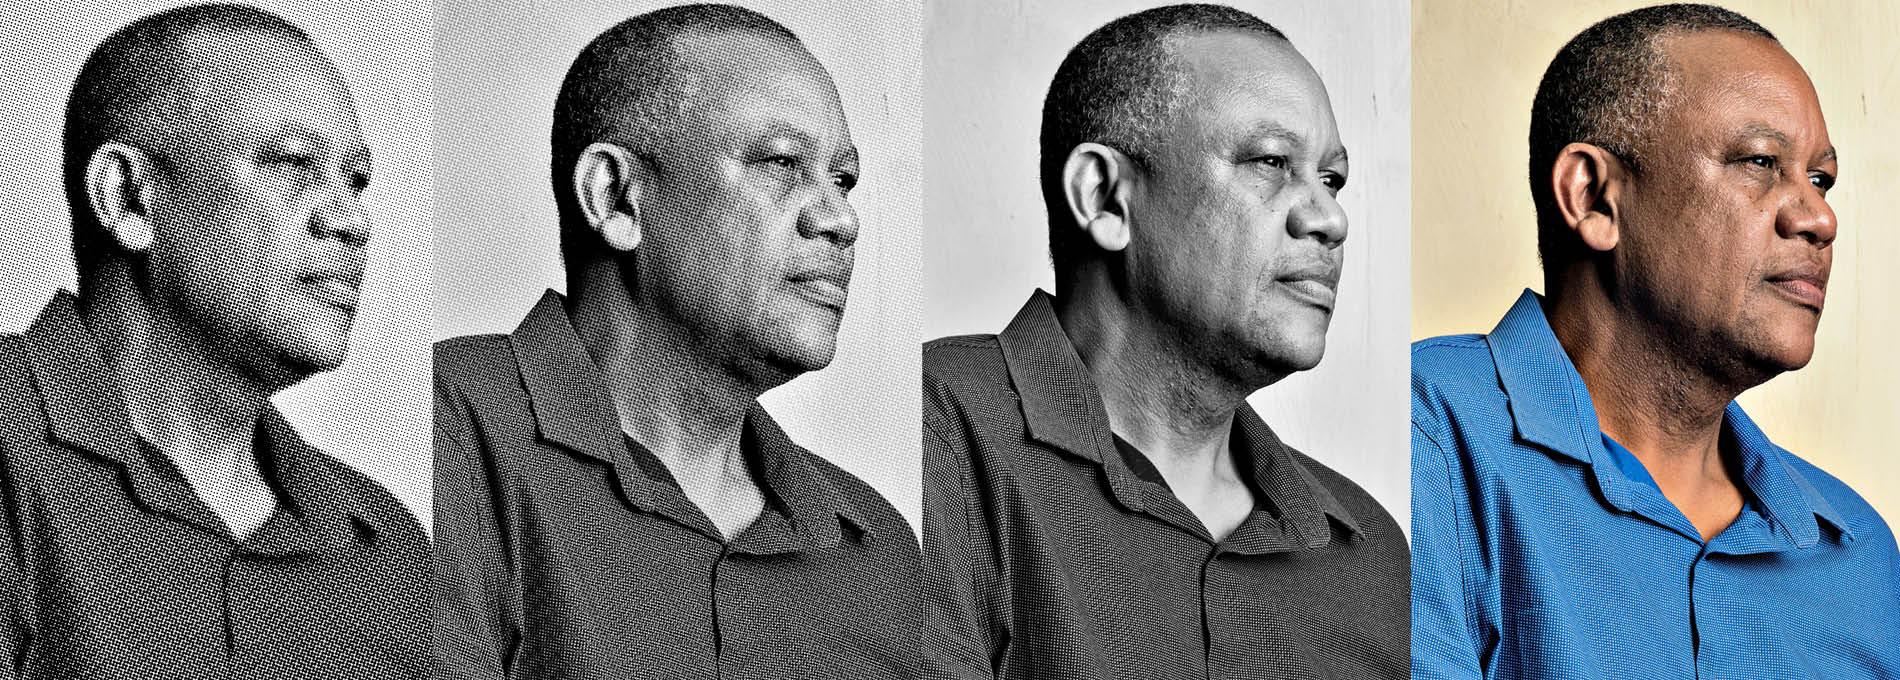 Celso Athayde: Sempre quis fazer revolução